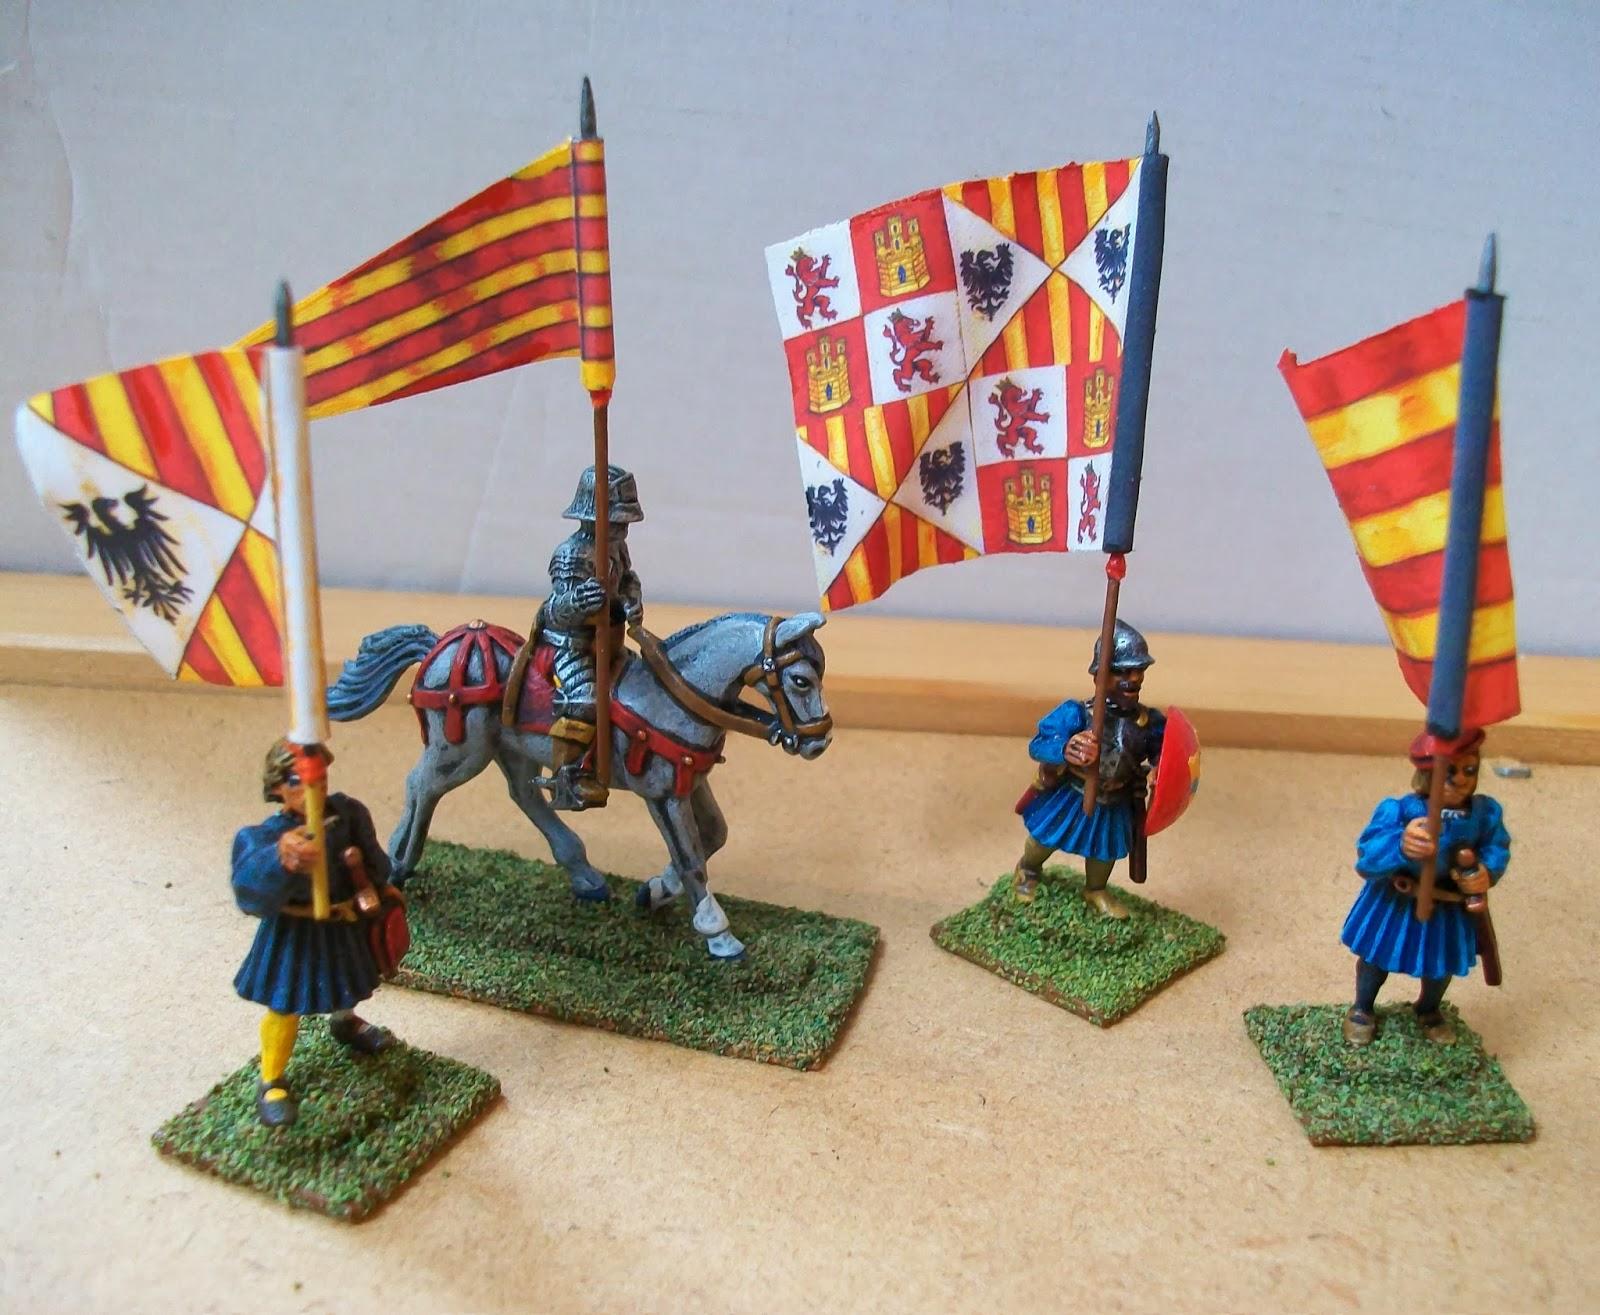 28mm Medieval Renaissance Italian Wars Landsknecht Flags 1